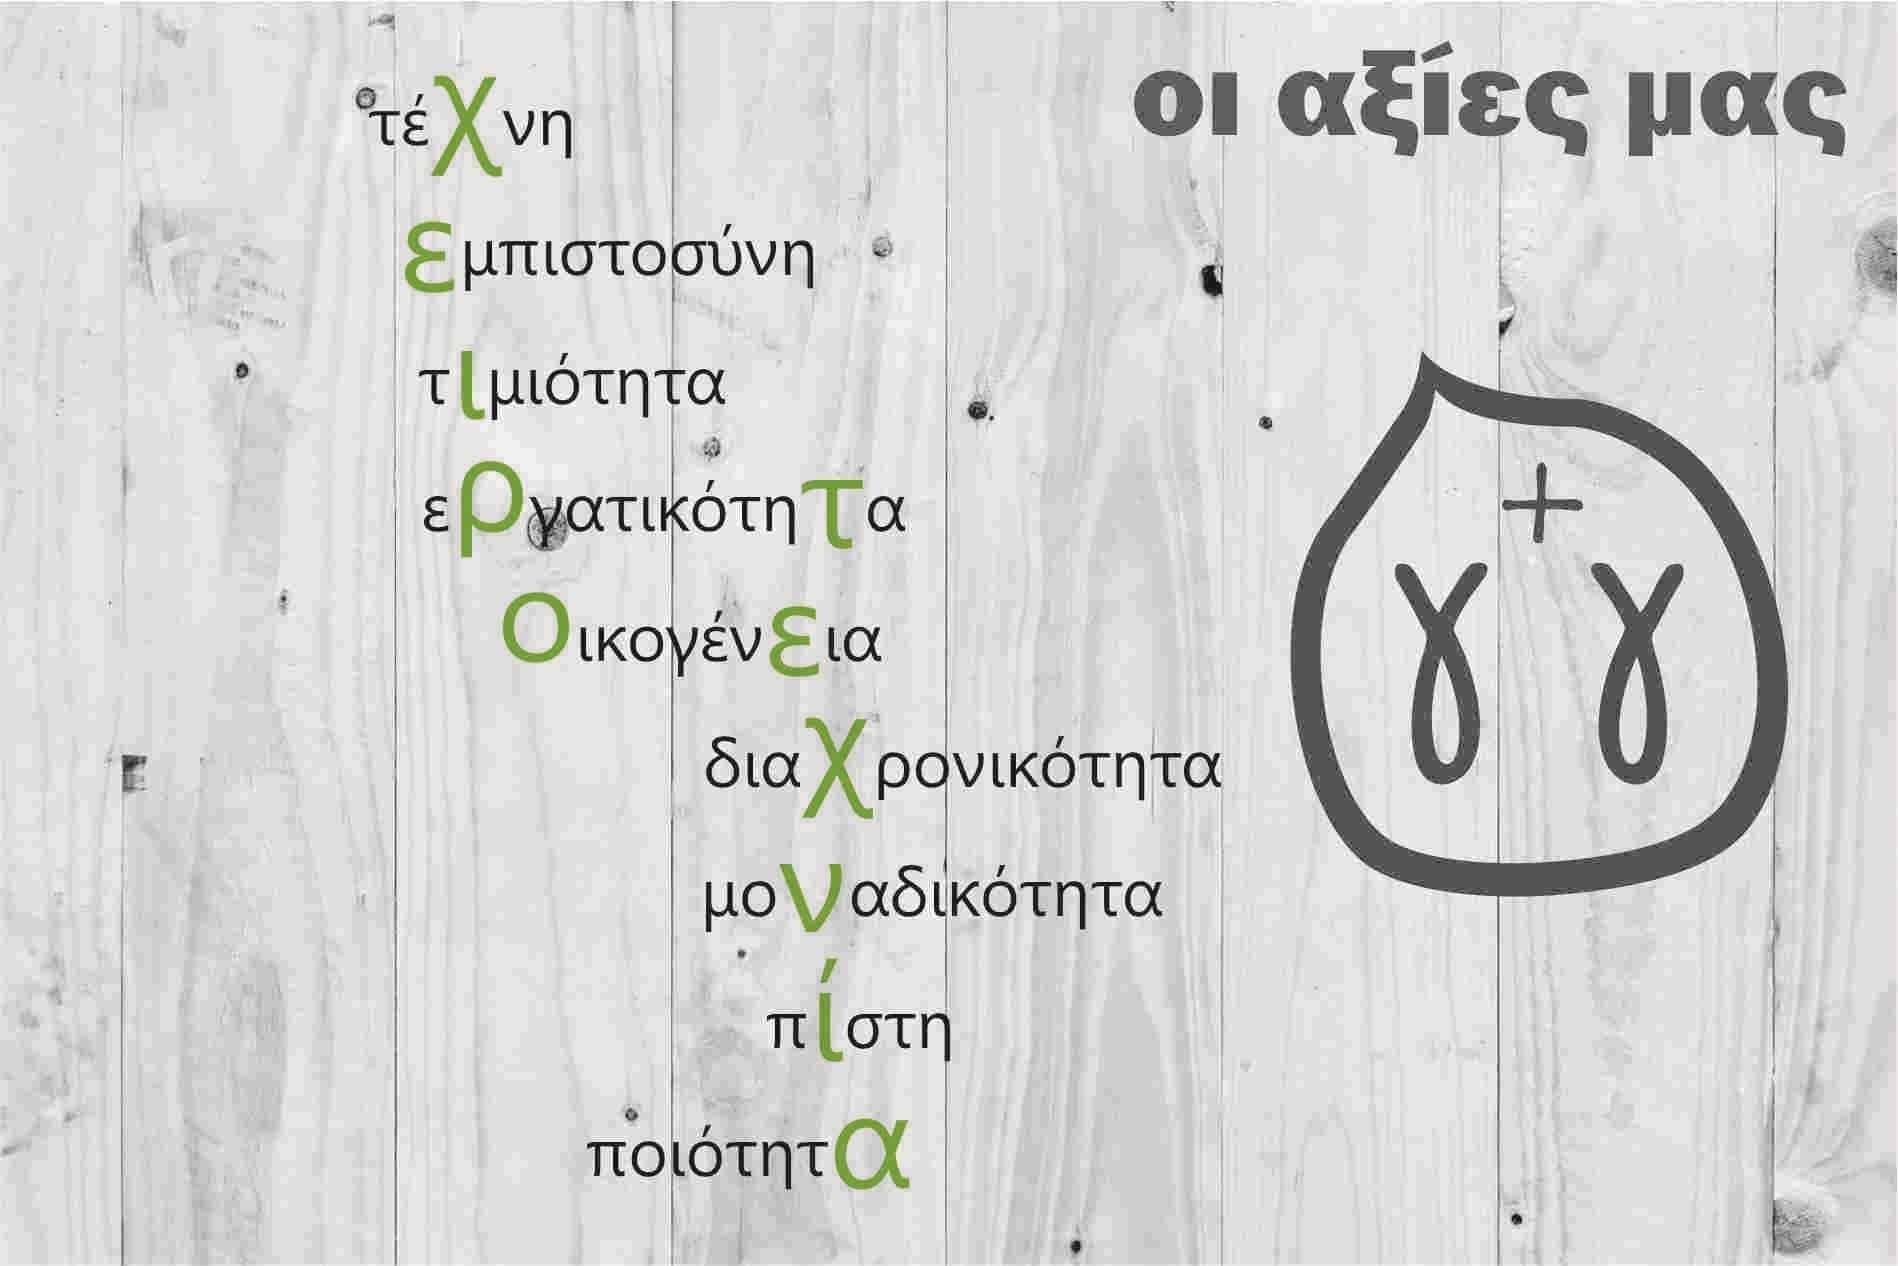 our values - handicraft cyprus - οι αξίες μας - χειροτεχνία κύπρος - εργαστήρι χειροτεχνίας Γιαννάκης Γιαννακούhandicraftcyprus.com - όλα τα είδη χειροτεχνημάτων του εργαστηρίου μας. χειροποίητα δώρα, τάβλια με σκάλισμα και πυρογραφία, σκάκια σκαλιστά, ξύλινα ρολόγια με σκάλισμα, παιδικά κρεμμασταράκια με παιδικούς ήρωες, ξύλινες φιγούρες και σχήματα, σχέδιο με πυρογράφο σε νεροκολοκύθες, μπομπονιέρες βάφτισης, μπομπονιέρες γάμου γάμων, επιχειρηματικά δώρα, ξεχωριστά δώρα επιχειρήσεων, παλαίωση φωτογραφίας, μπαούλα σκαλιστά, κρεμμασταράκια τοίχου για κλειδιά, κρεμμαστάρια ρούχων σκαλιστά, σκαλιστές κορνίζες, χειροποίητοι καθρέφτες με σκάλισμα, εικόνες αγίων με σκάλισμα, παλαιωμένες εικόνες αγίων, διακοσμητικά είδη χειροποίητα, αξεσουάρ γραφείου, σχέδια σε ξύλο, ξυλογλυπτική, παλαίωση εικόνων, αγιογραφίες, πυρογραφία, χαλκογραφία, κορνίζες, καθρέφτες, χειροποίητα, βάφτιση, γάμος, επέτειος, Πάφος, Λευκωσία, Λεμεσός, Λάρνακα.